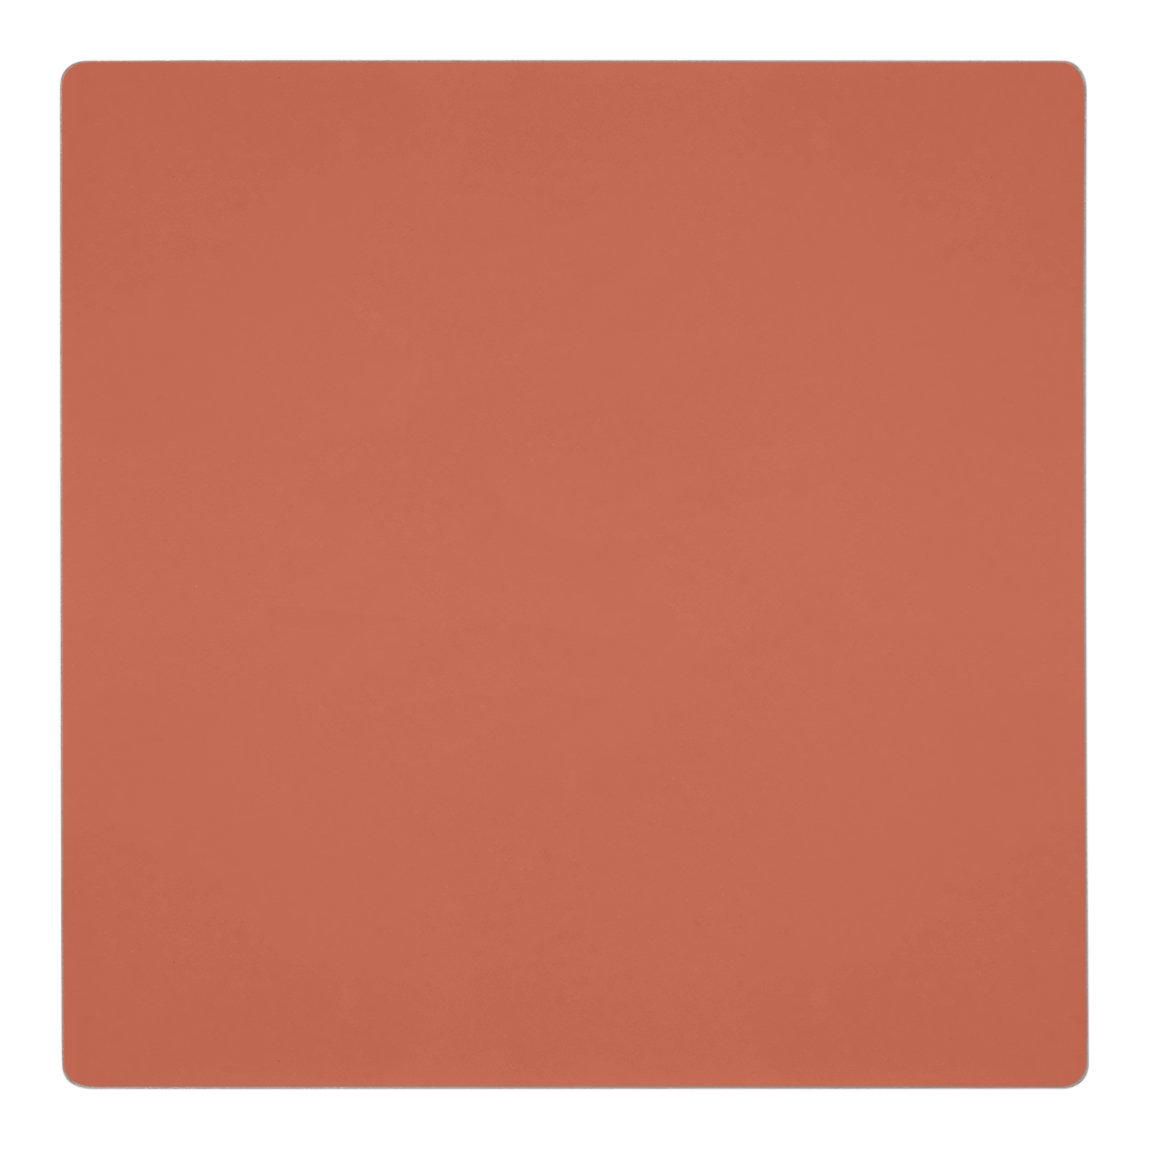 Kjaer Weis Cream Blush Refill Desired Glow